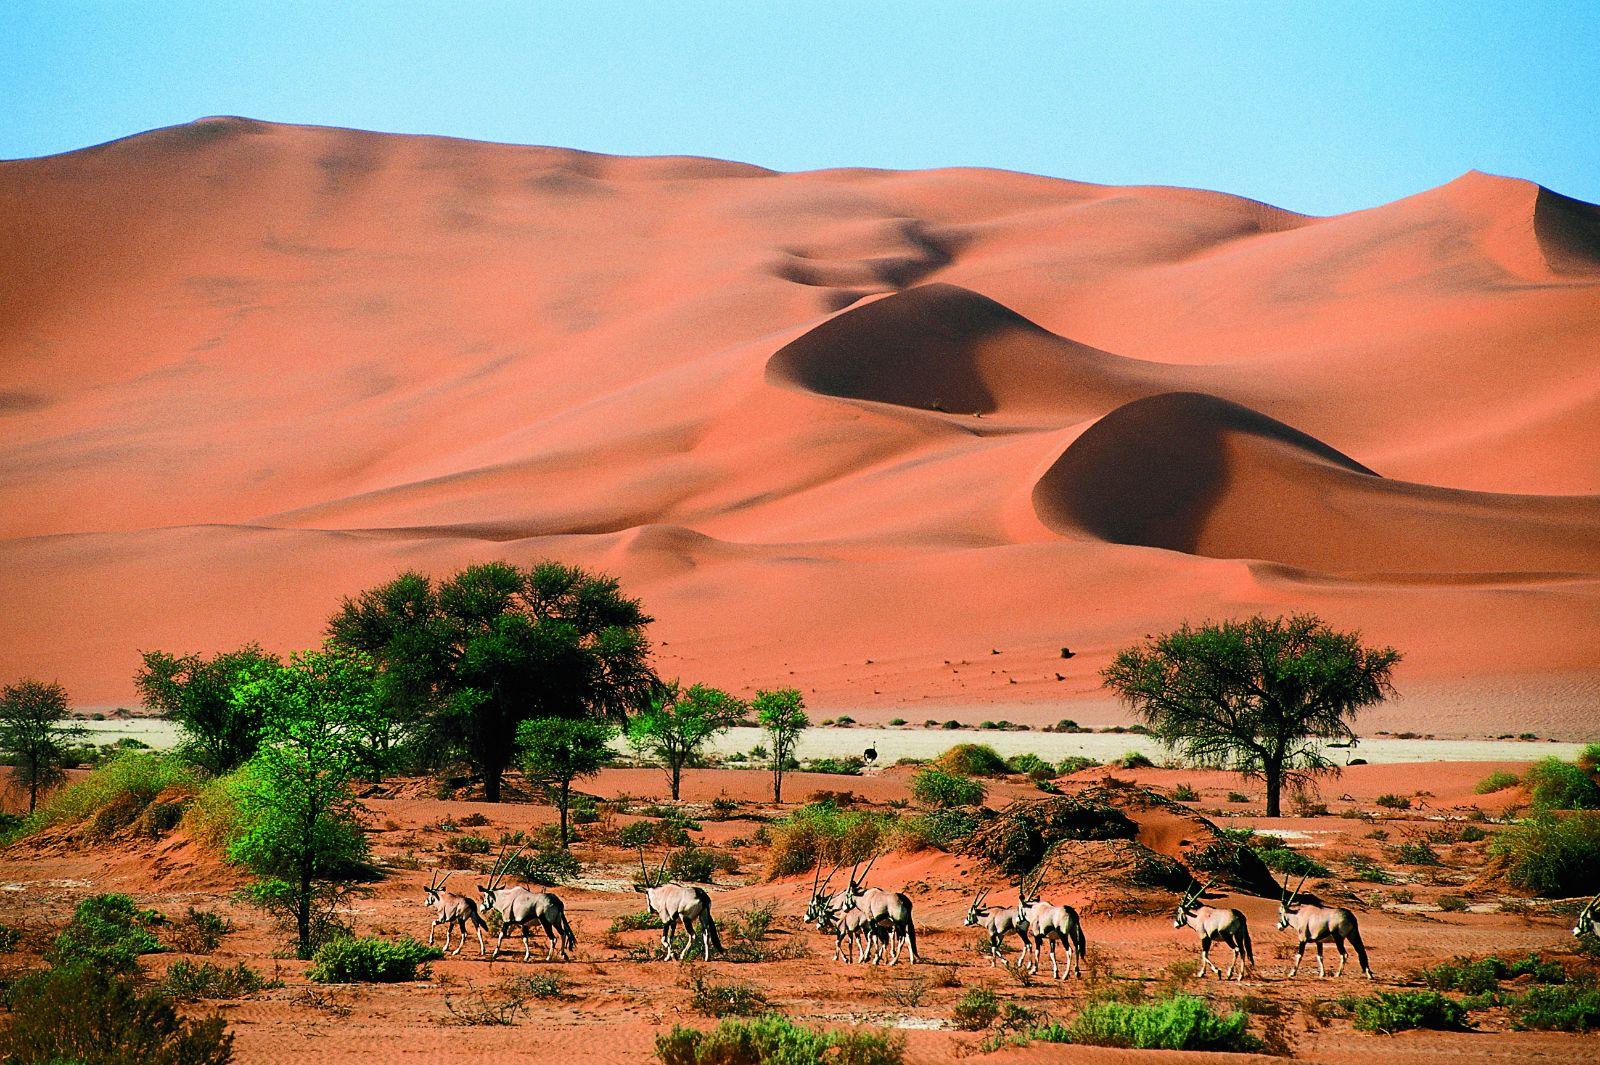 Luksusowe wycieczki dla wymagających i wyprawy do Afryki z biurem podróży Carter